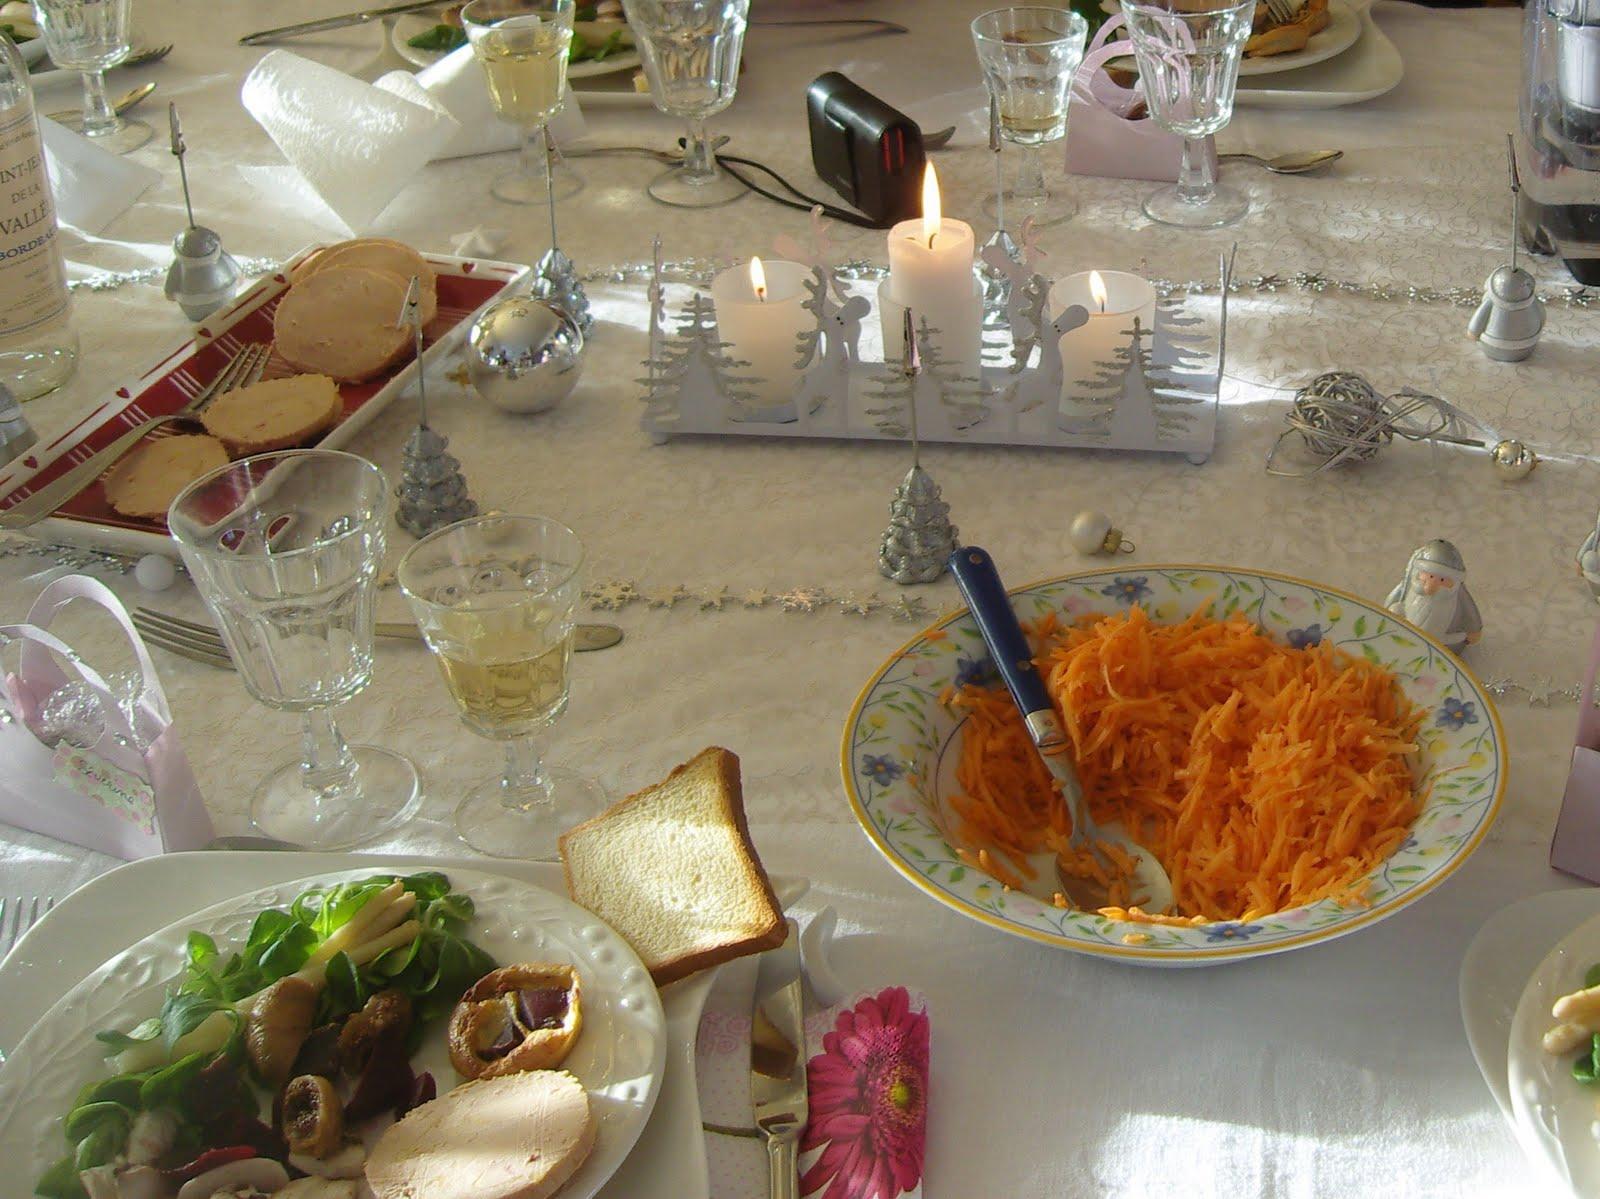 Dans la maison de s verine d cembre 2010 for Decoration lumignon 8 decembre